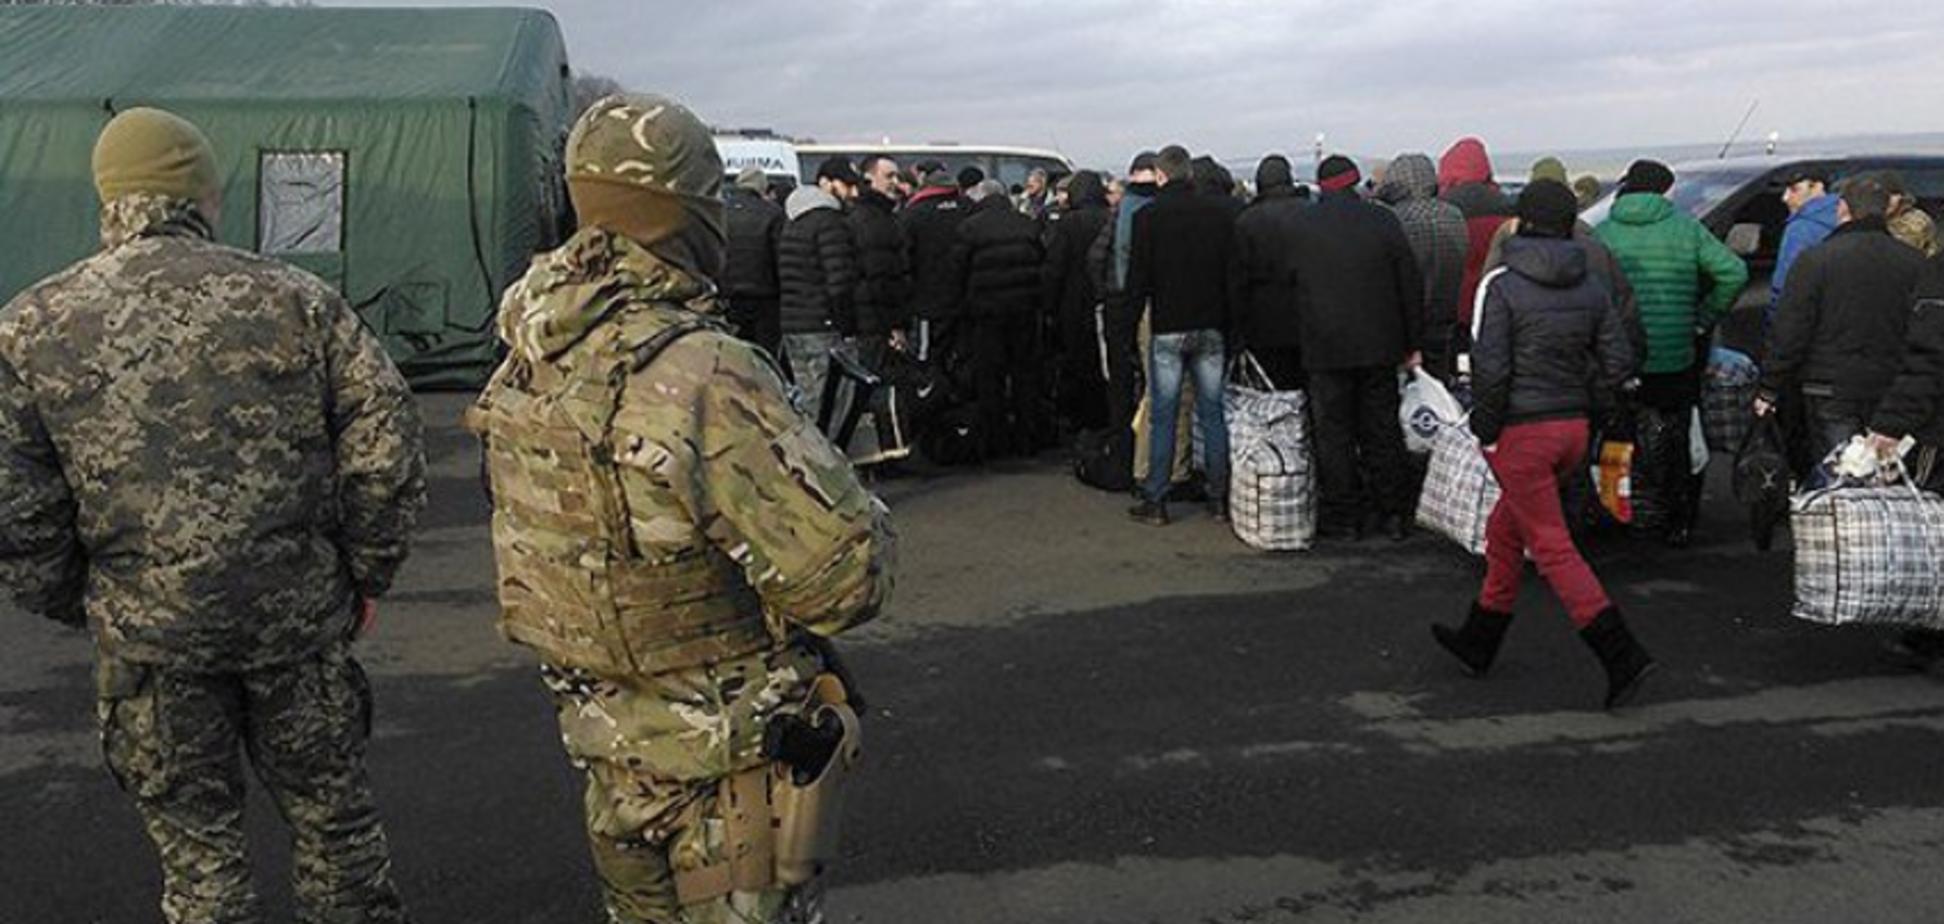 Не пустили в последний момент: названы фамилии россиян, не попавших на обмен с 'Л/ДНР'